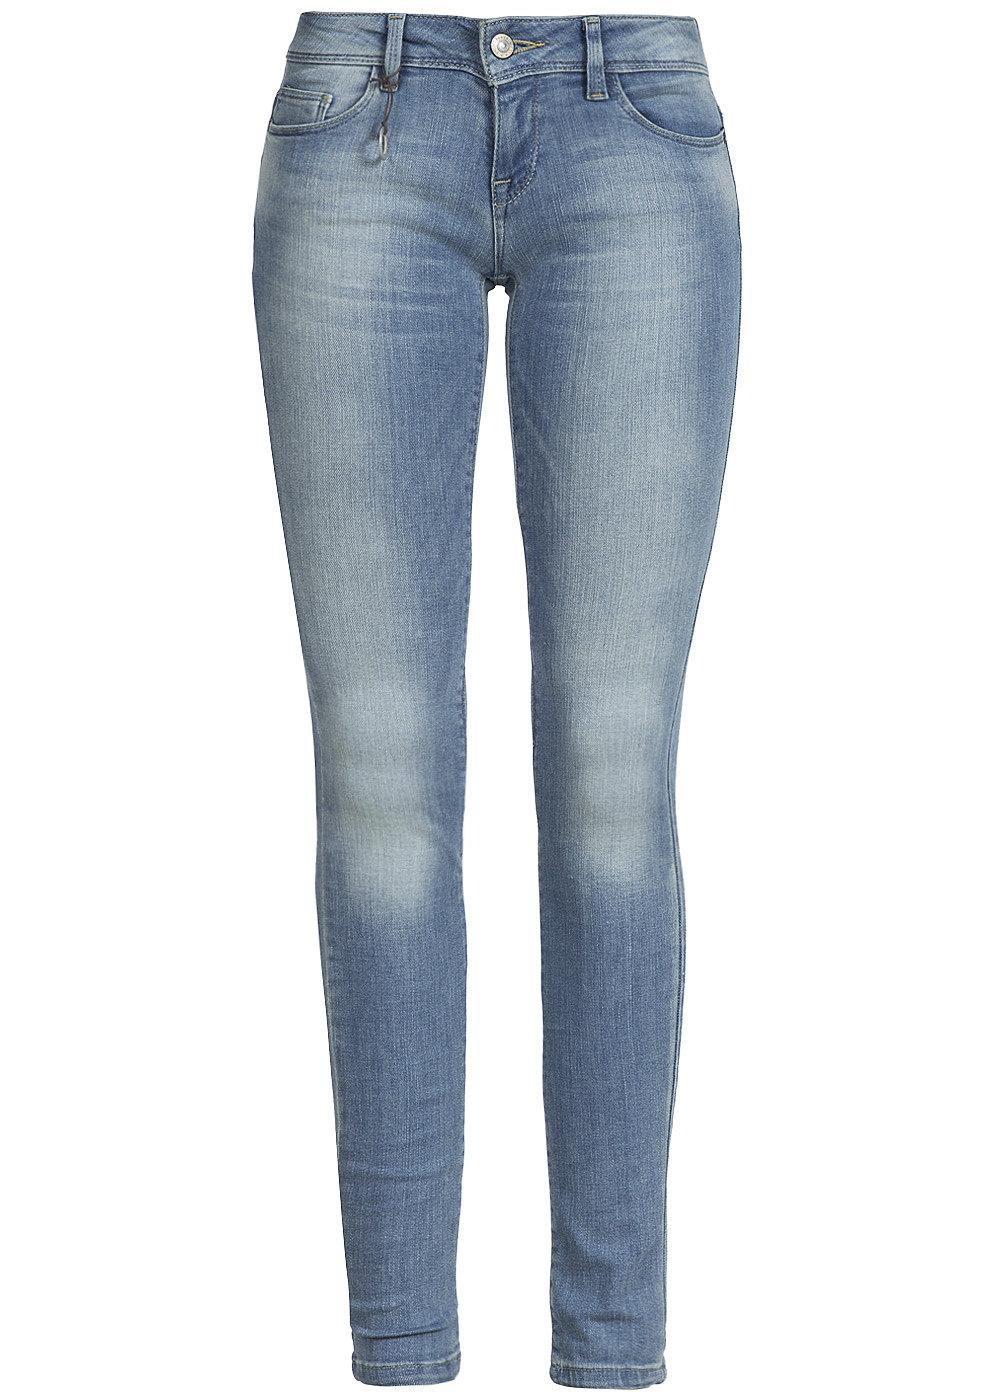 only damen skinny jeans coral 15110323 5 pocket style light blue denim 77onlineshop. Black Bedroom Furniture Sets. Home Design Ideas